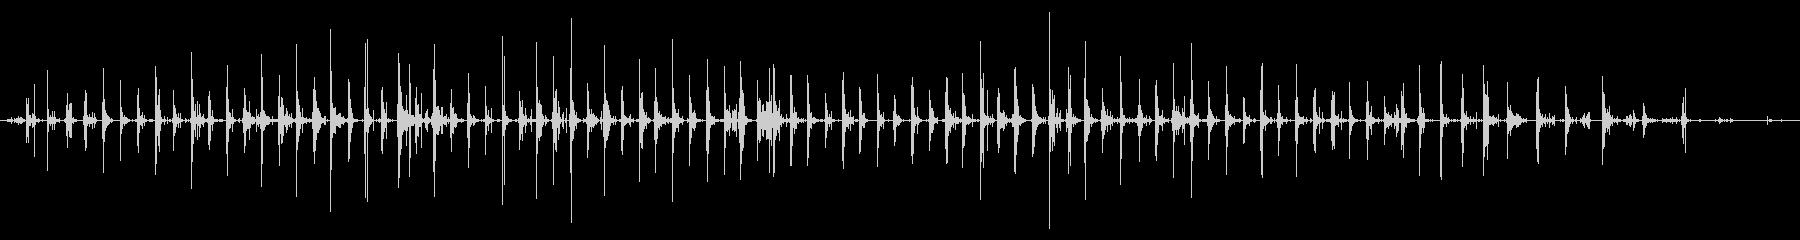 屋上エンドウ砂利:女性のハイヒール...の未再生の波形